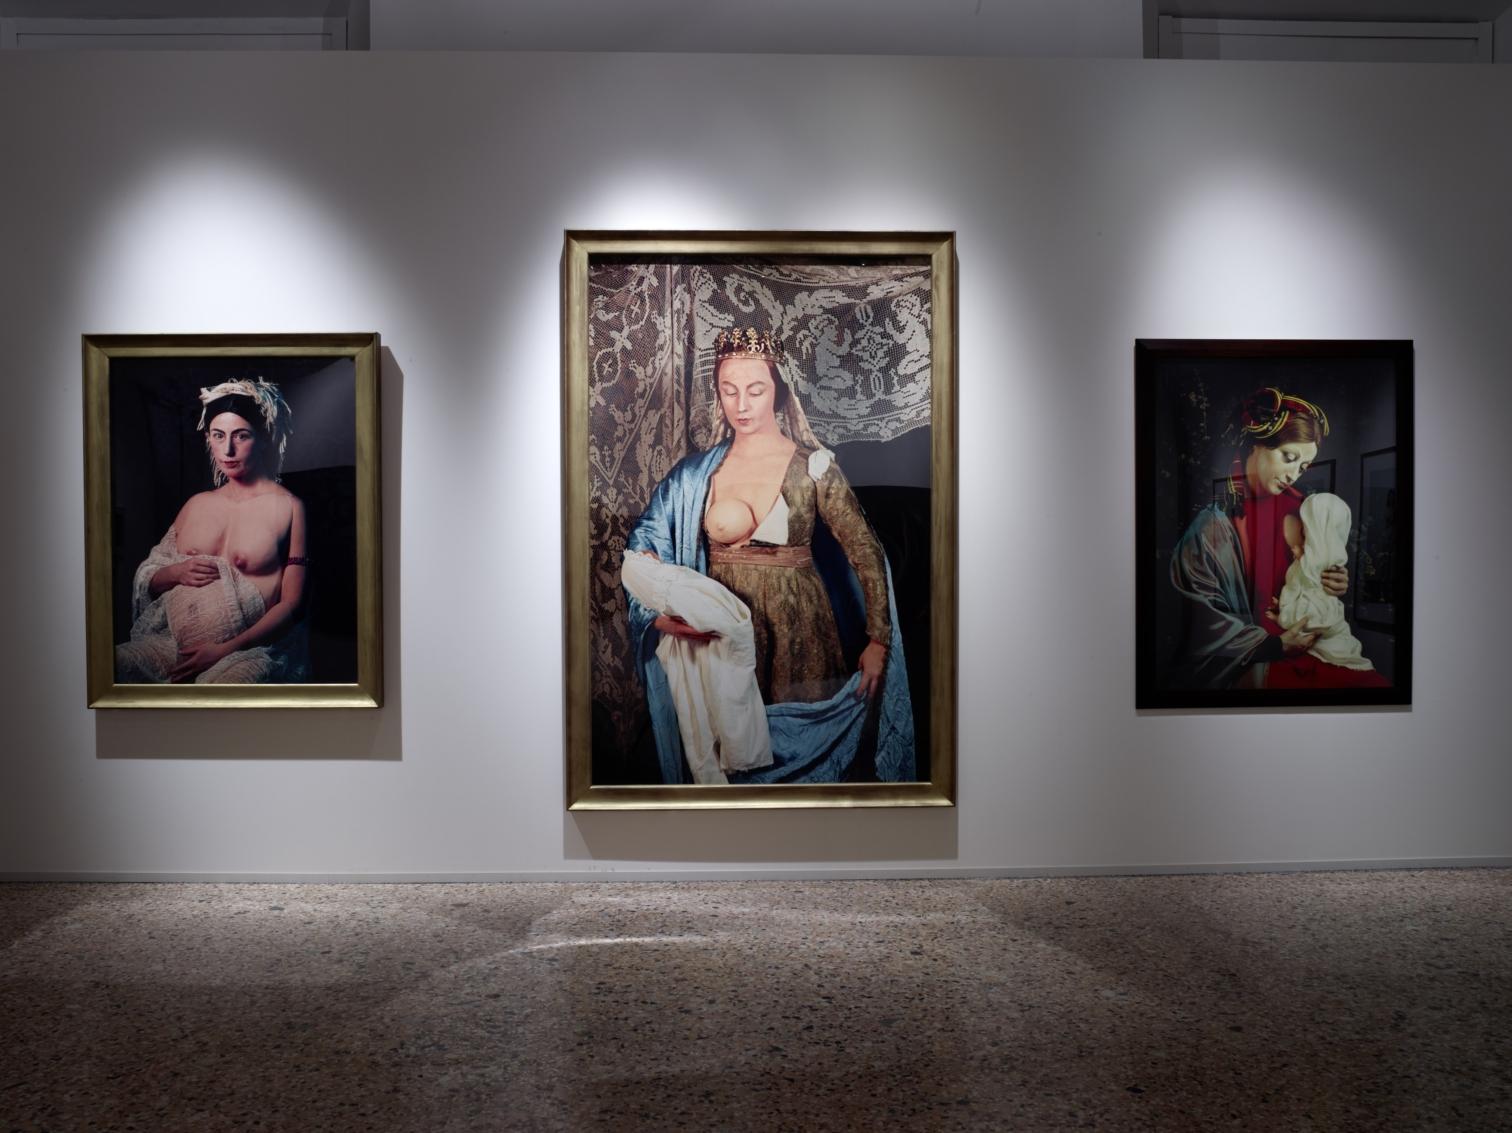 La Grande Madre, Palazzo Reale, Milano – Cindy Sherman (foto Marco De Scalzi, courtesy Fondazione Nicola Trussardi, Milano)